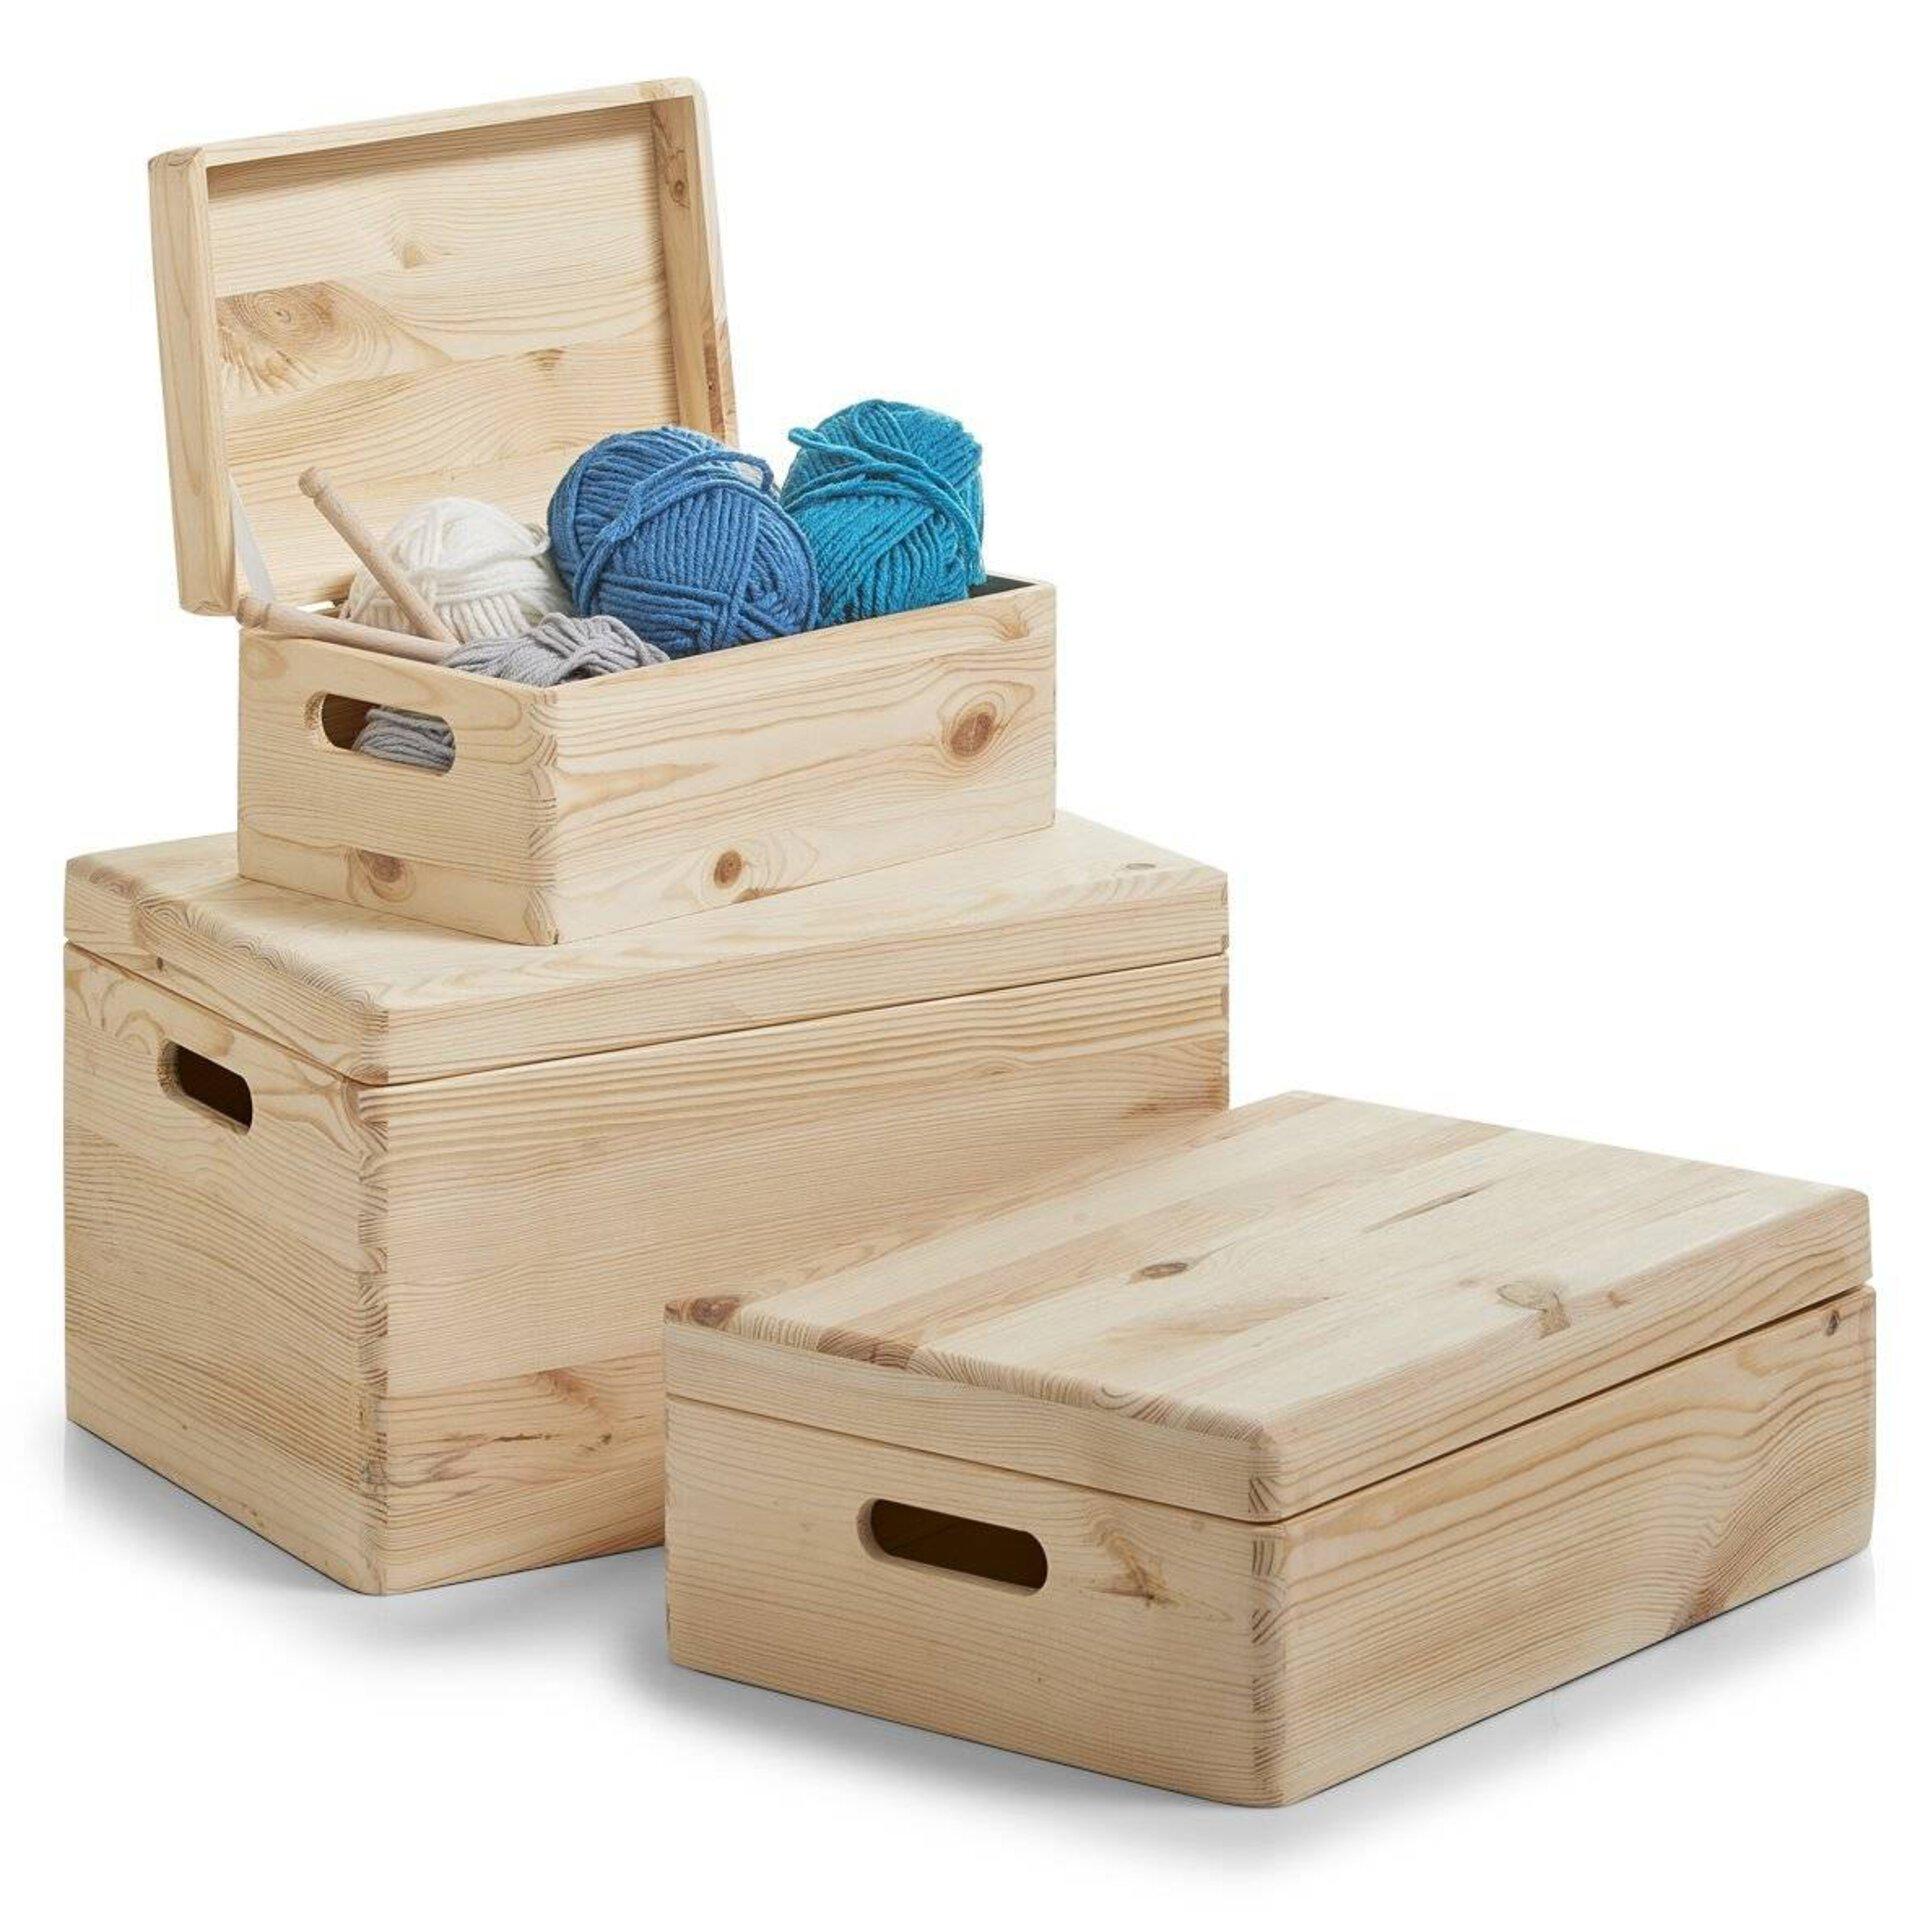 Aufbewahrung Zeller Present Holz 20 x 14 x 30 cm